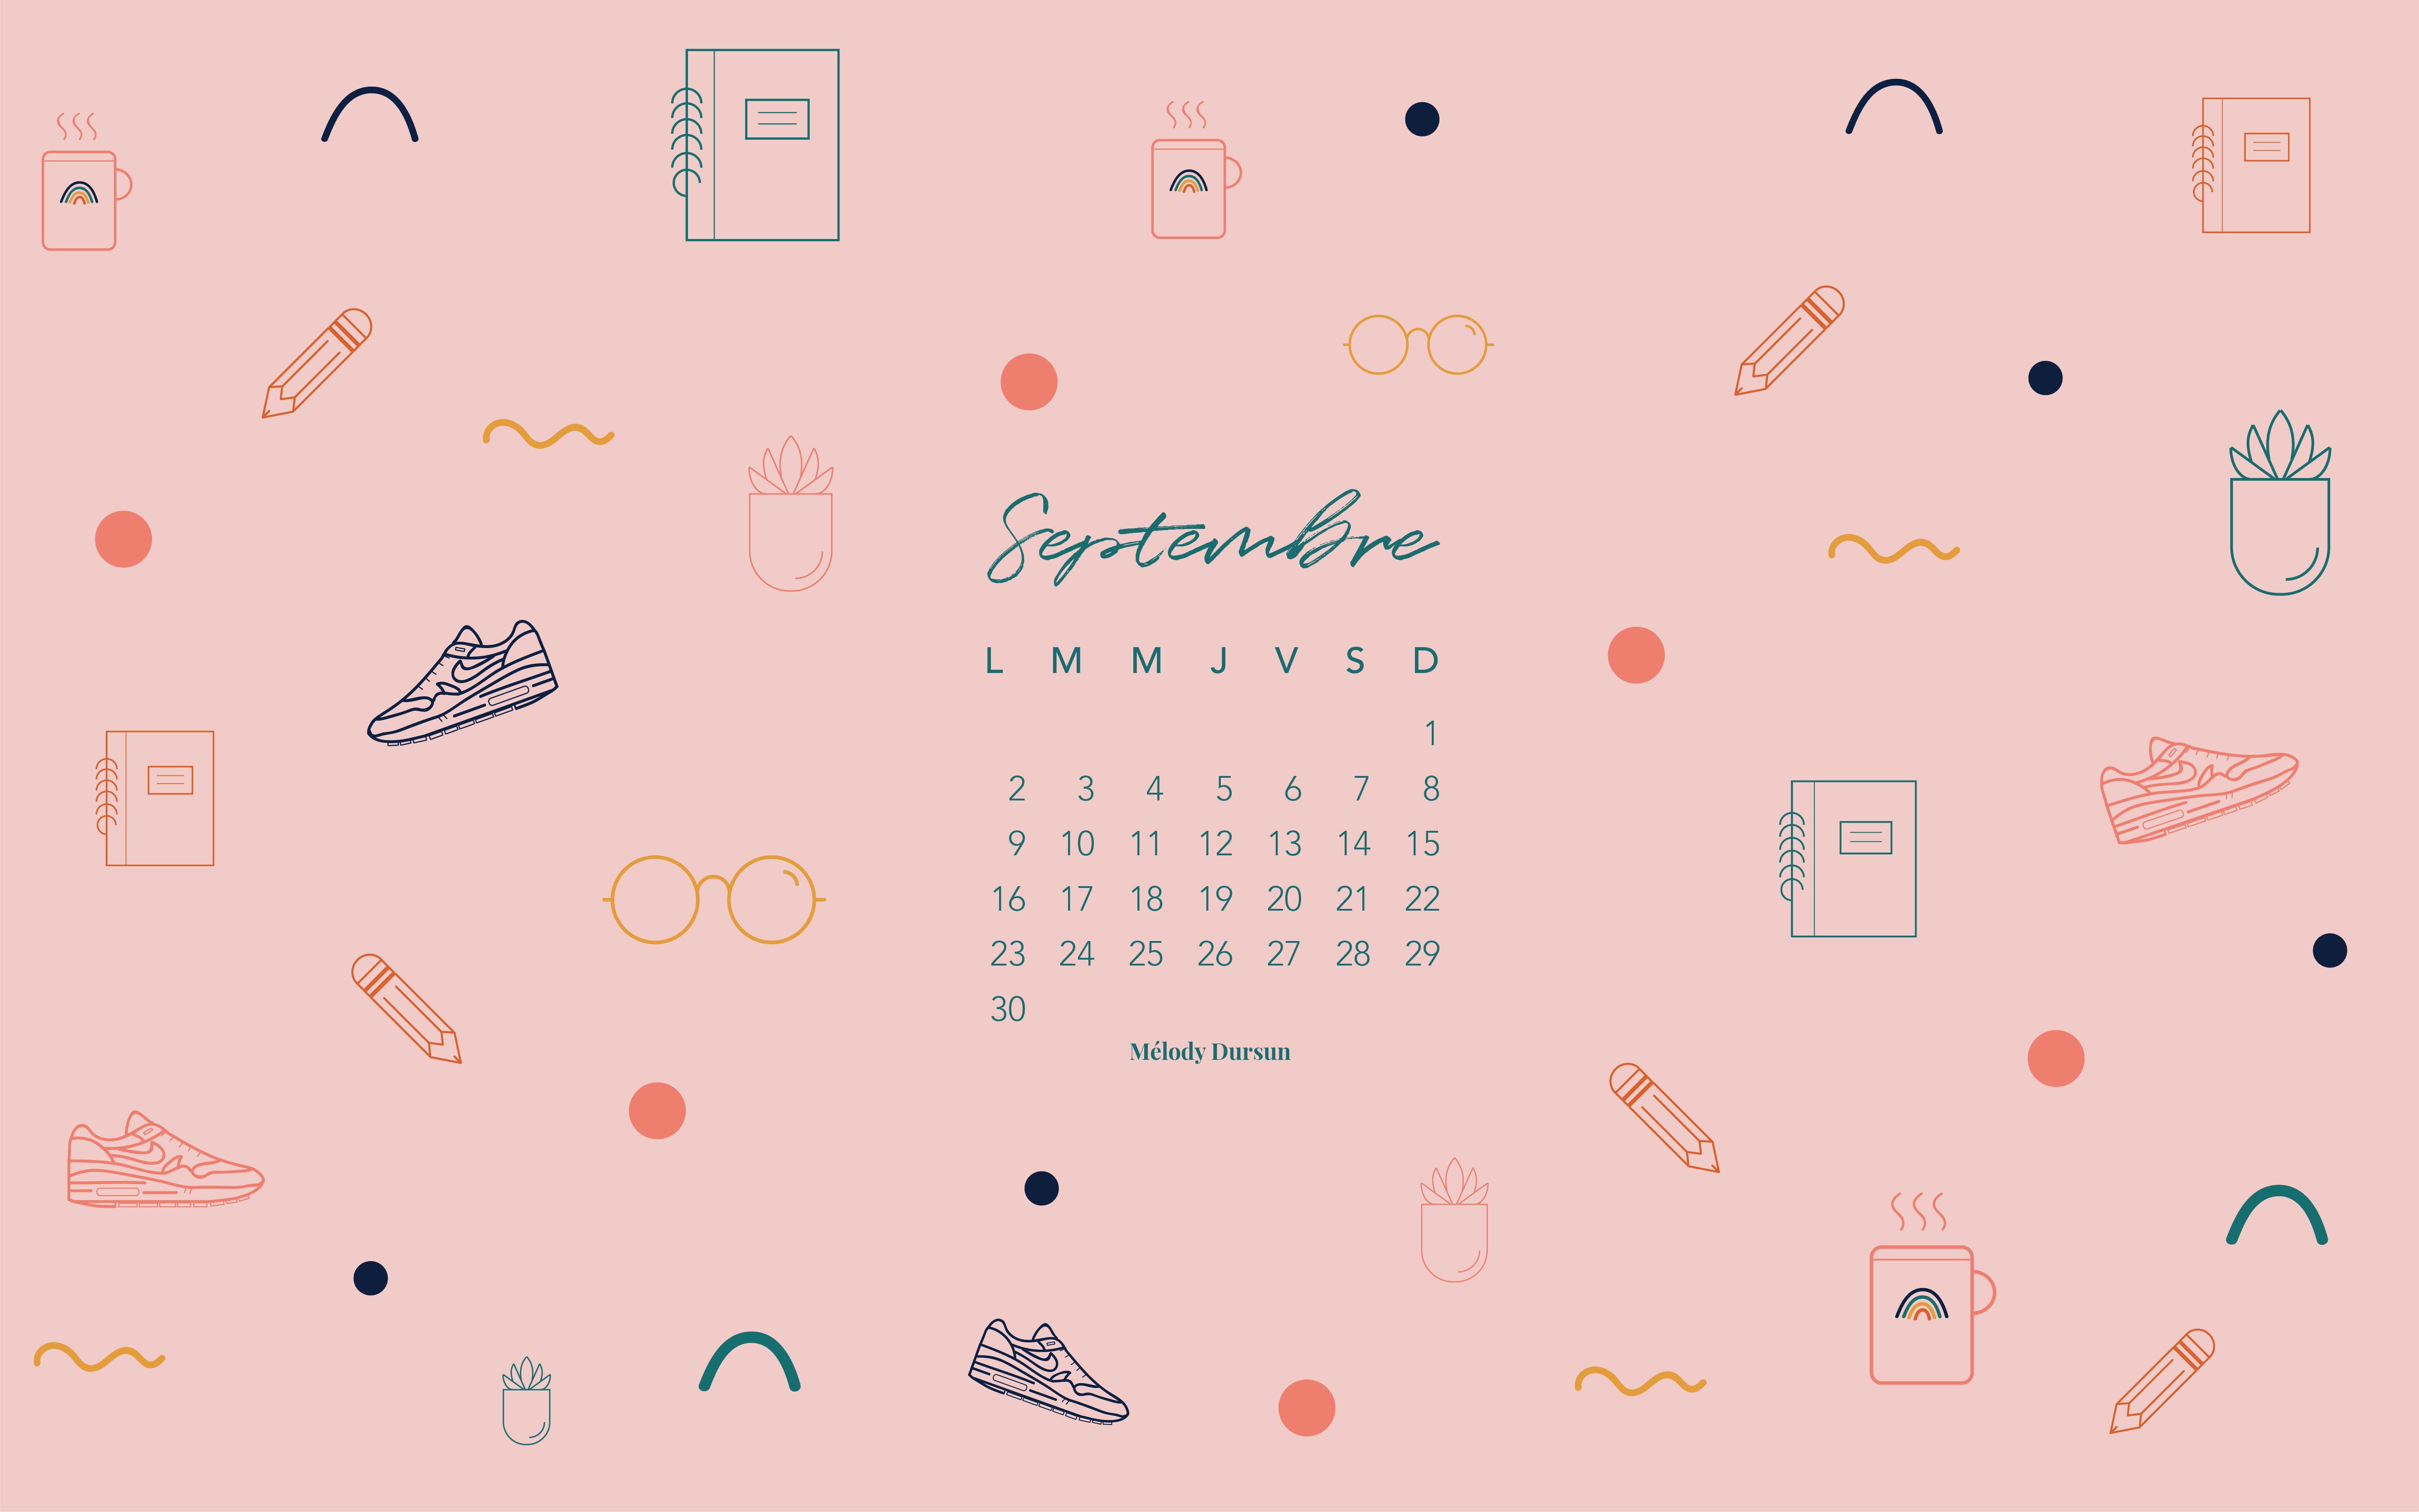 olecoeur-melodydursun-fond-septembre2019-desktop